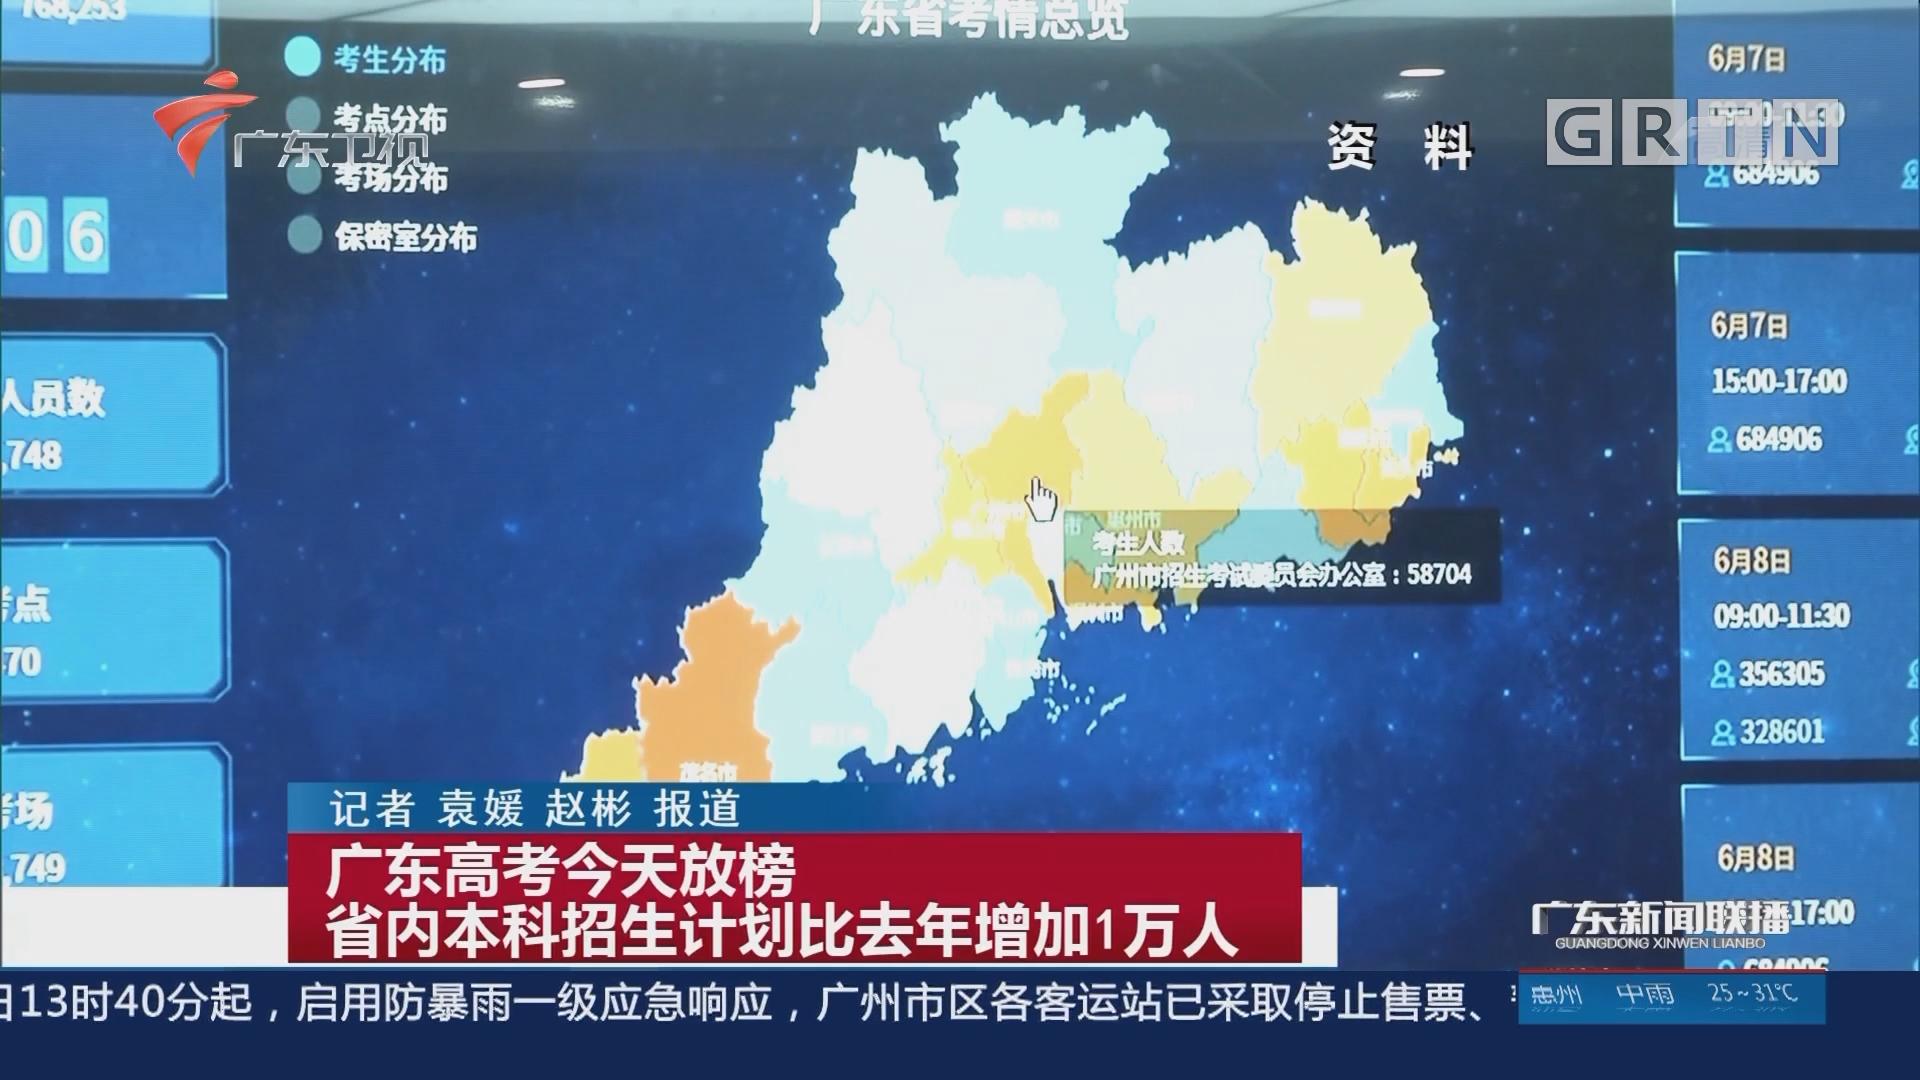 广东高考今天放榜 省内本科招生计划比去年增加1万人